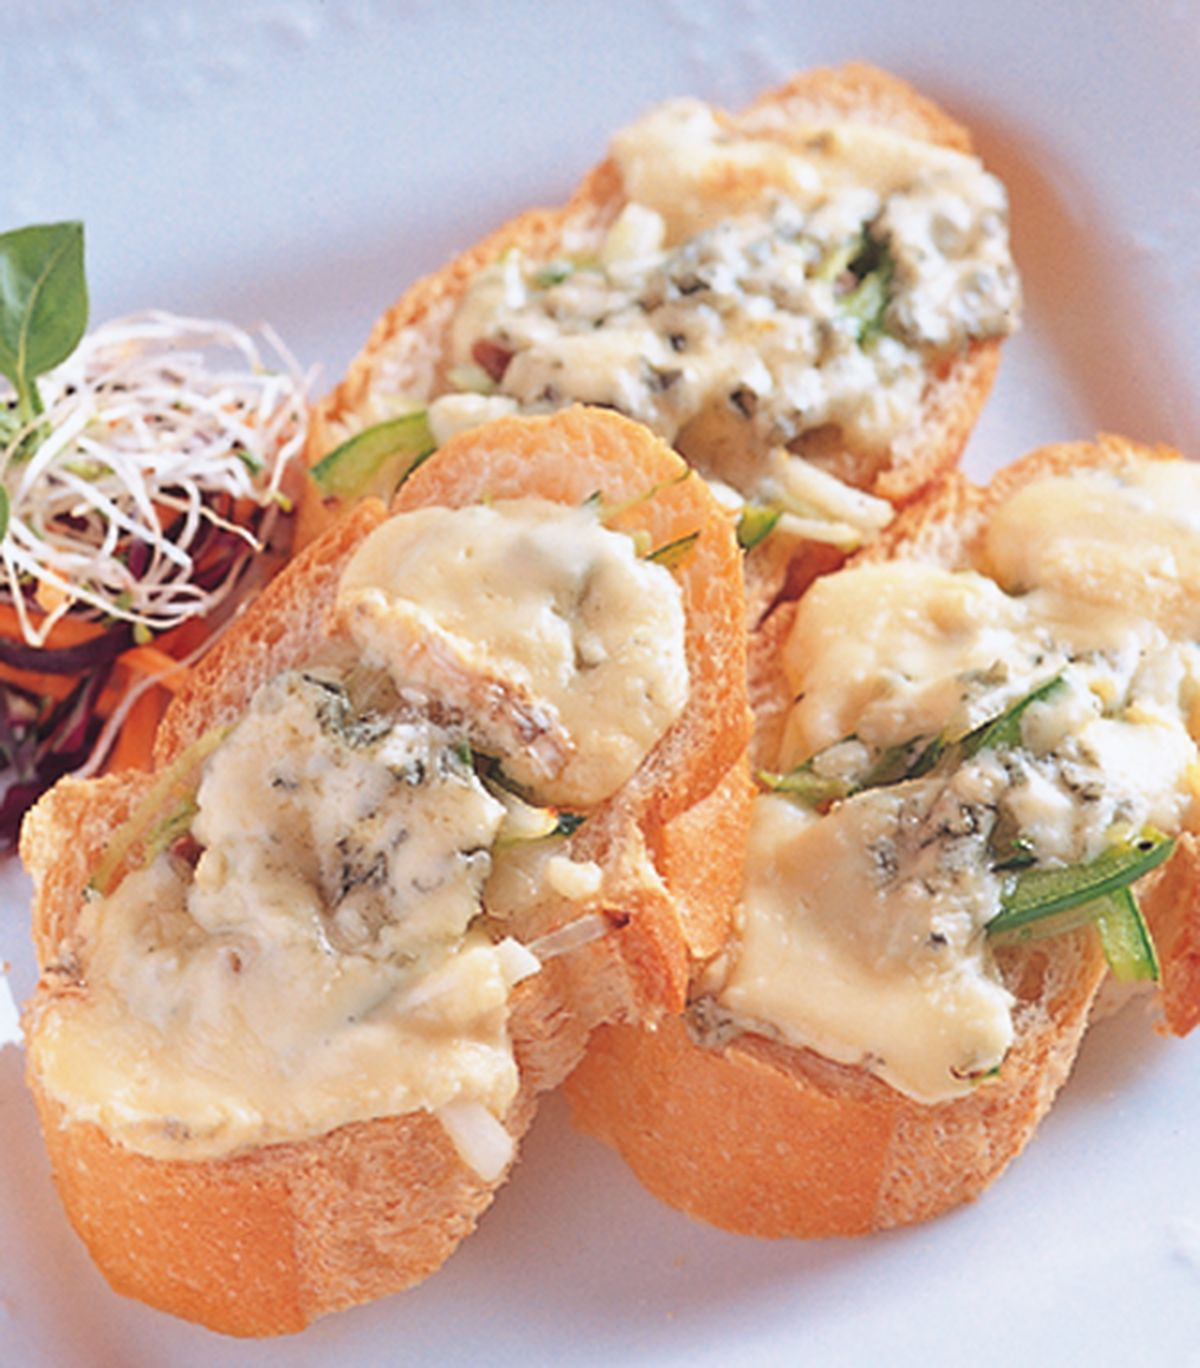 食譜:烤起士魔杖麵包